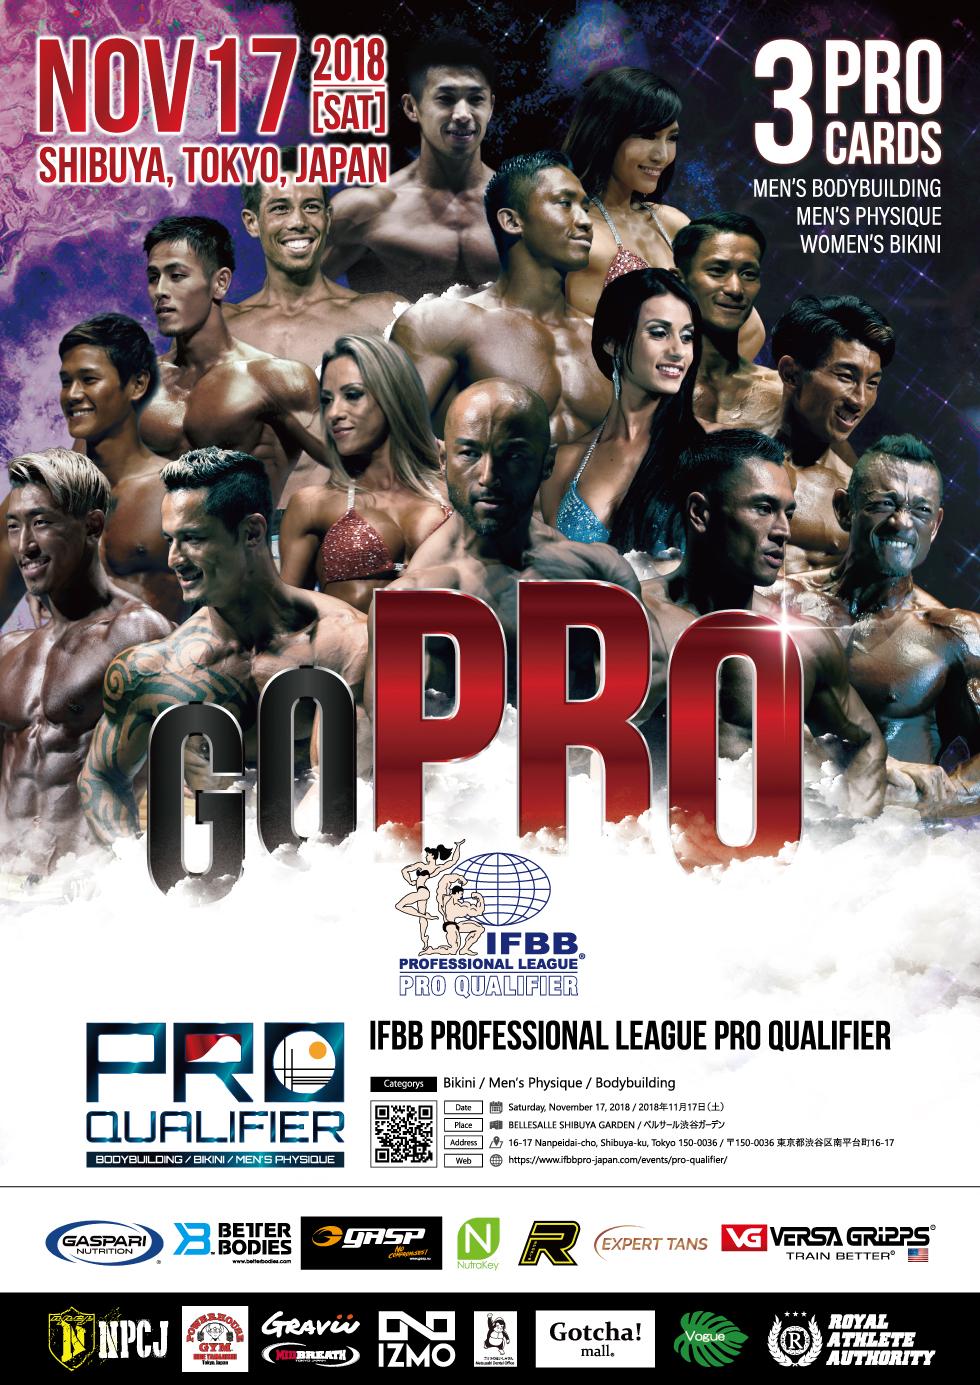 IFBB Professional League pro Qualifier image